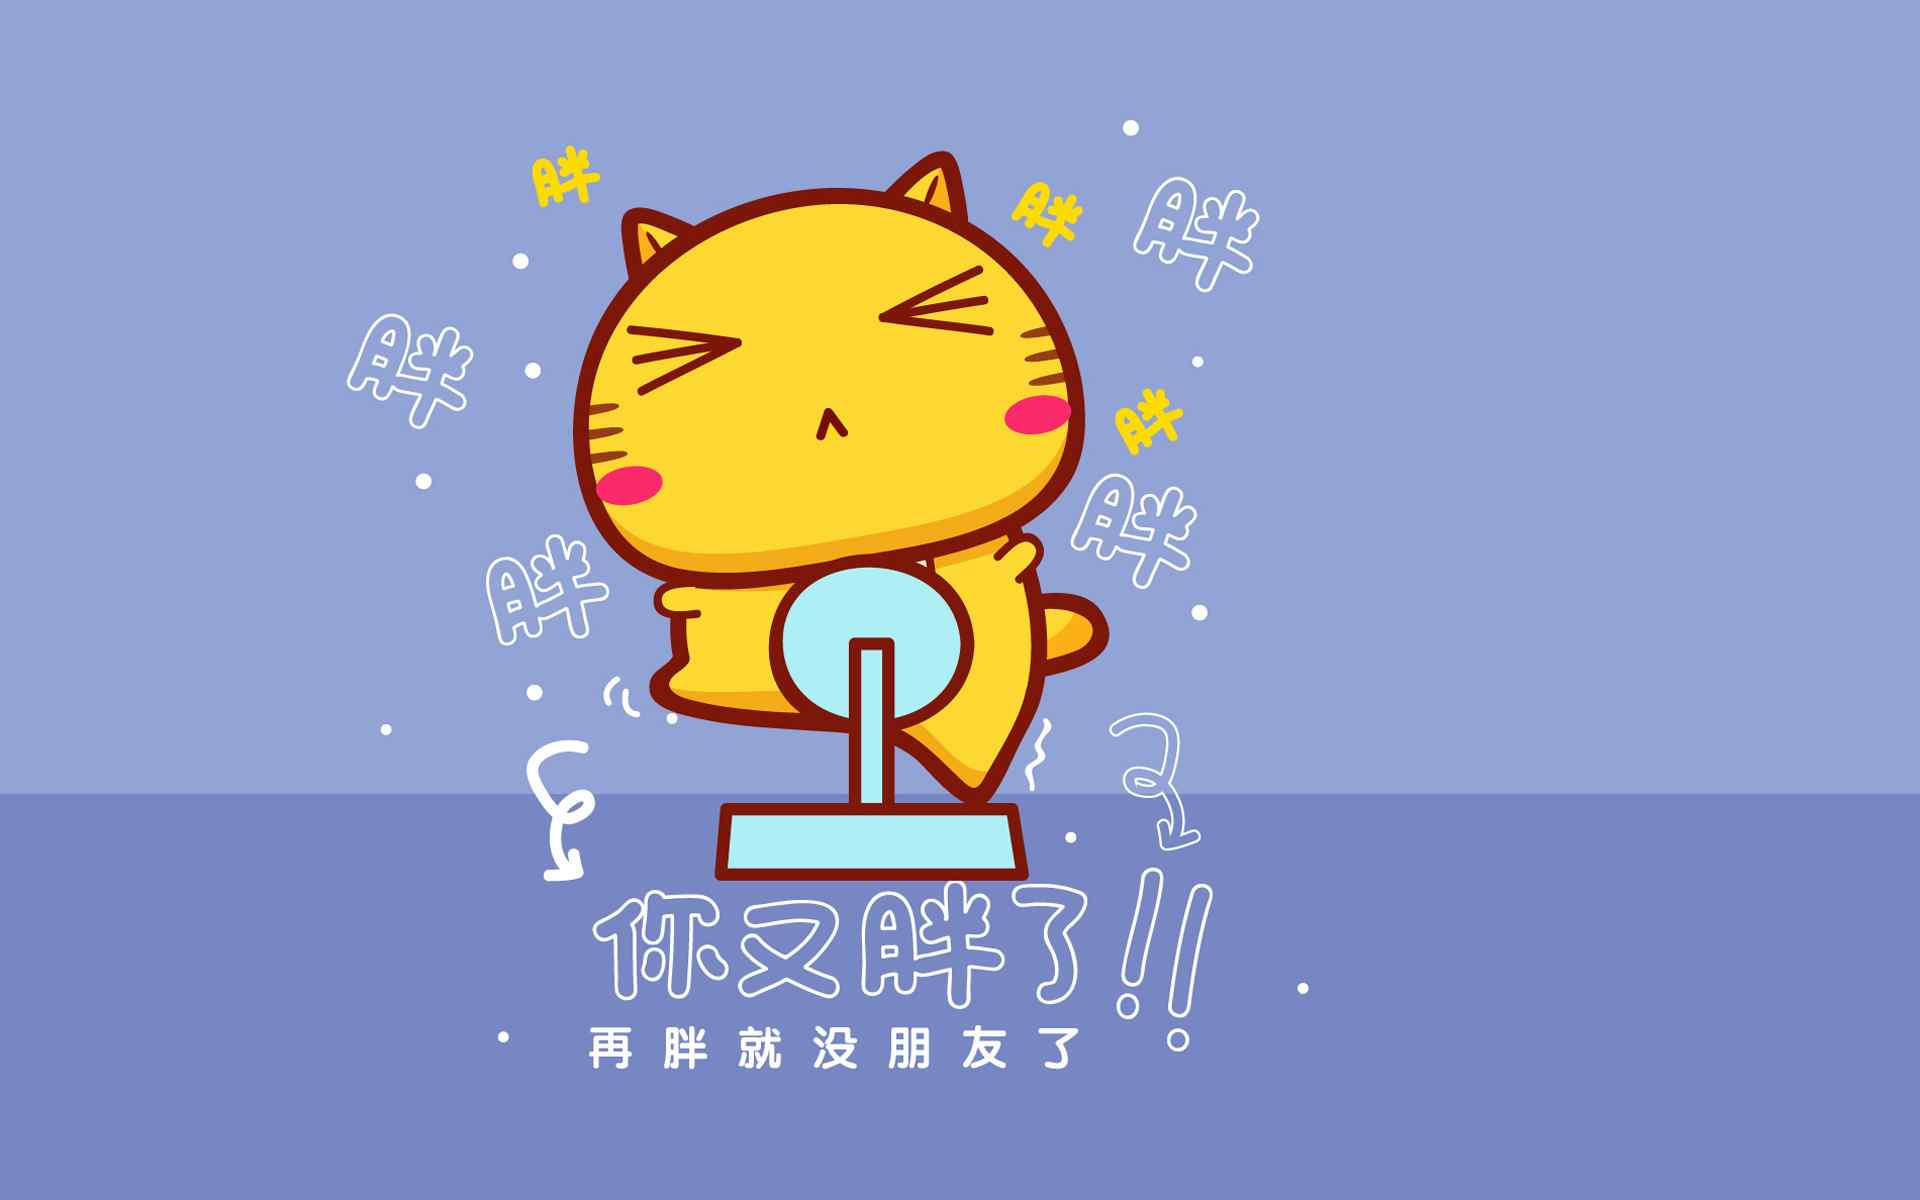 哈咪猫减肥语录卡通图片高清桌面壁纸